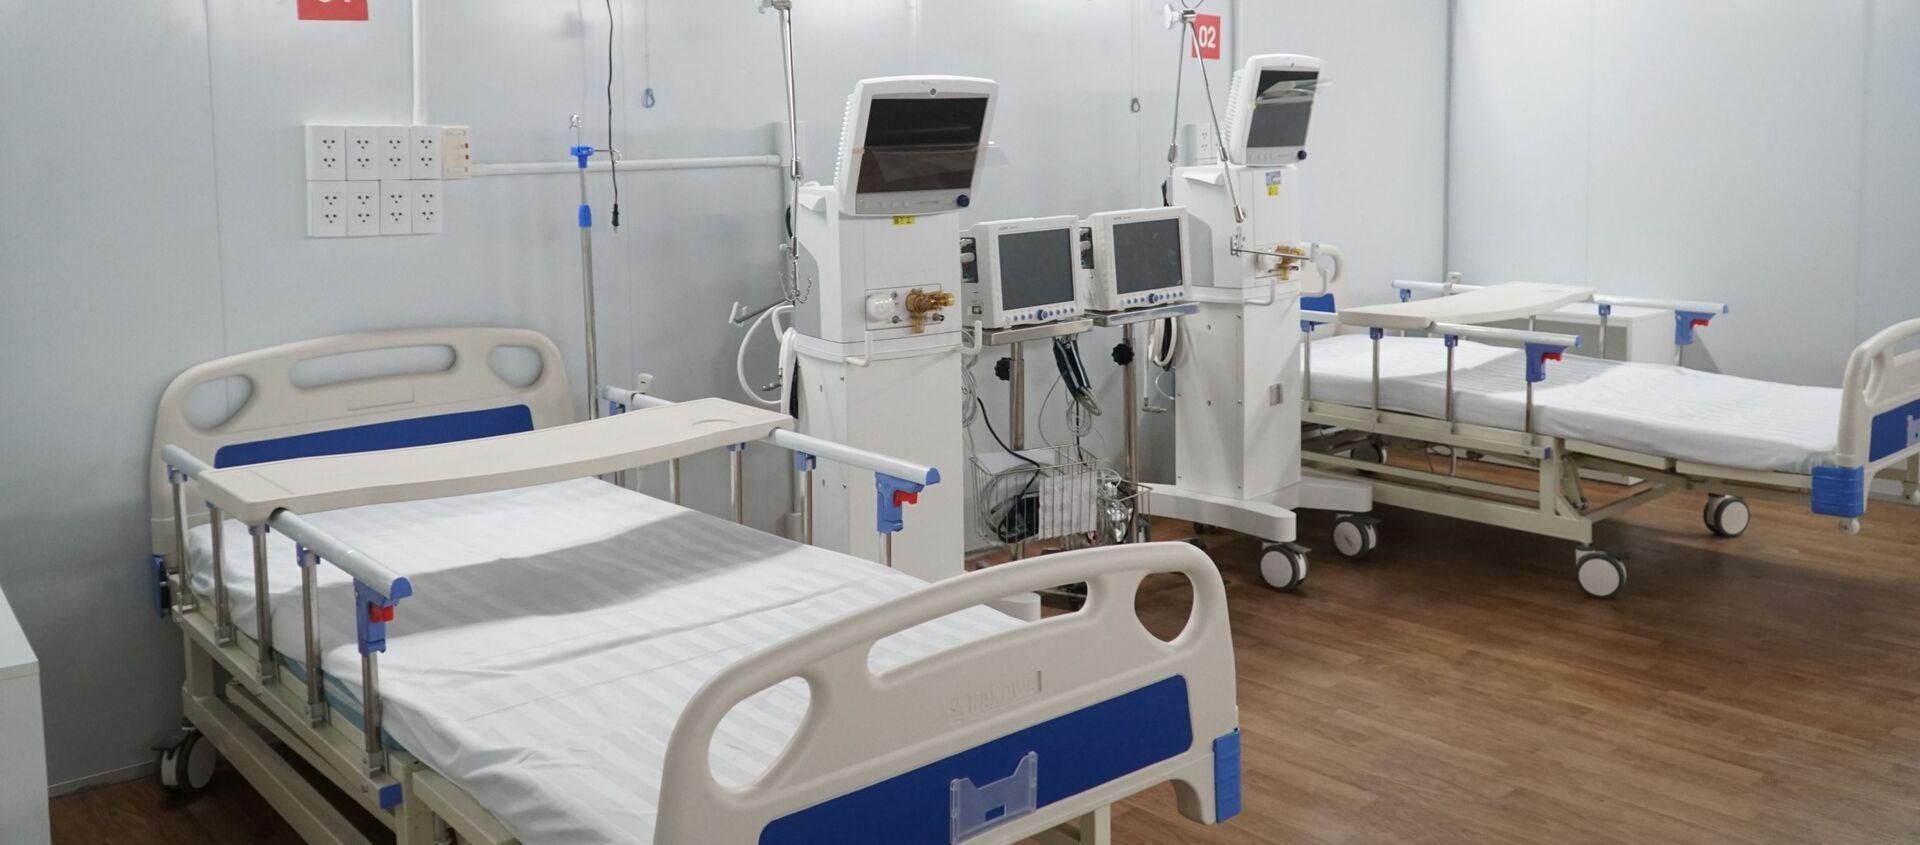 Giường bệnh, trang thiết bị y tế tại trung tâm - Sputnik Việt Nam, 1920, 08.08.2021